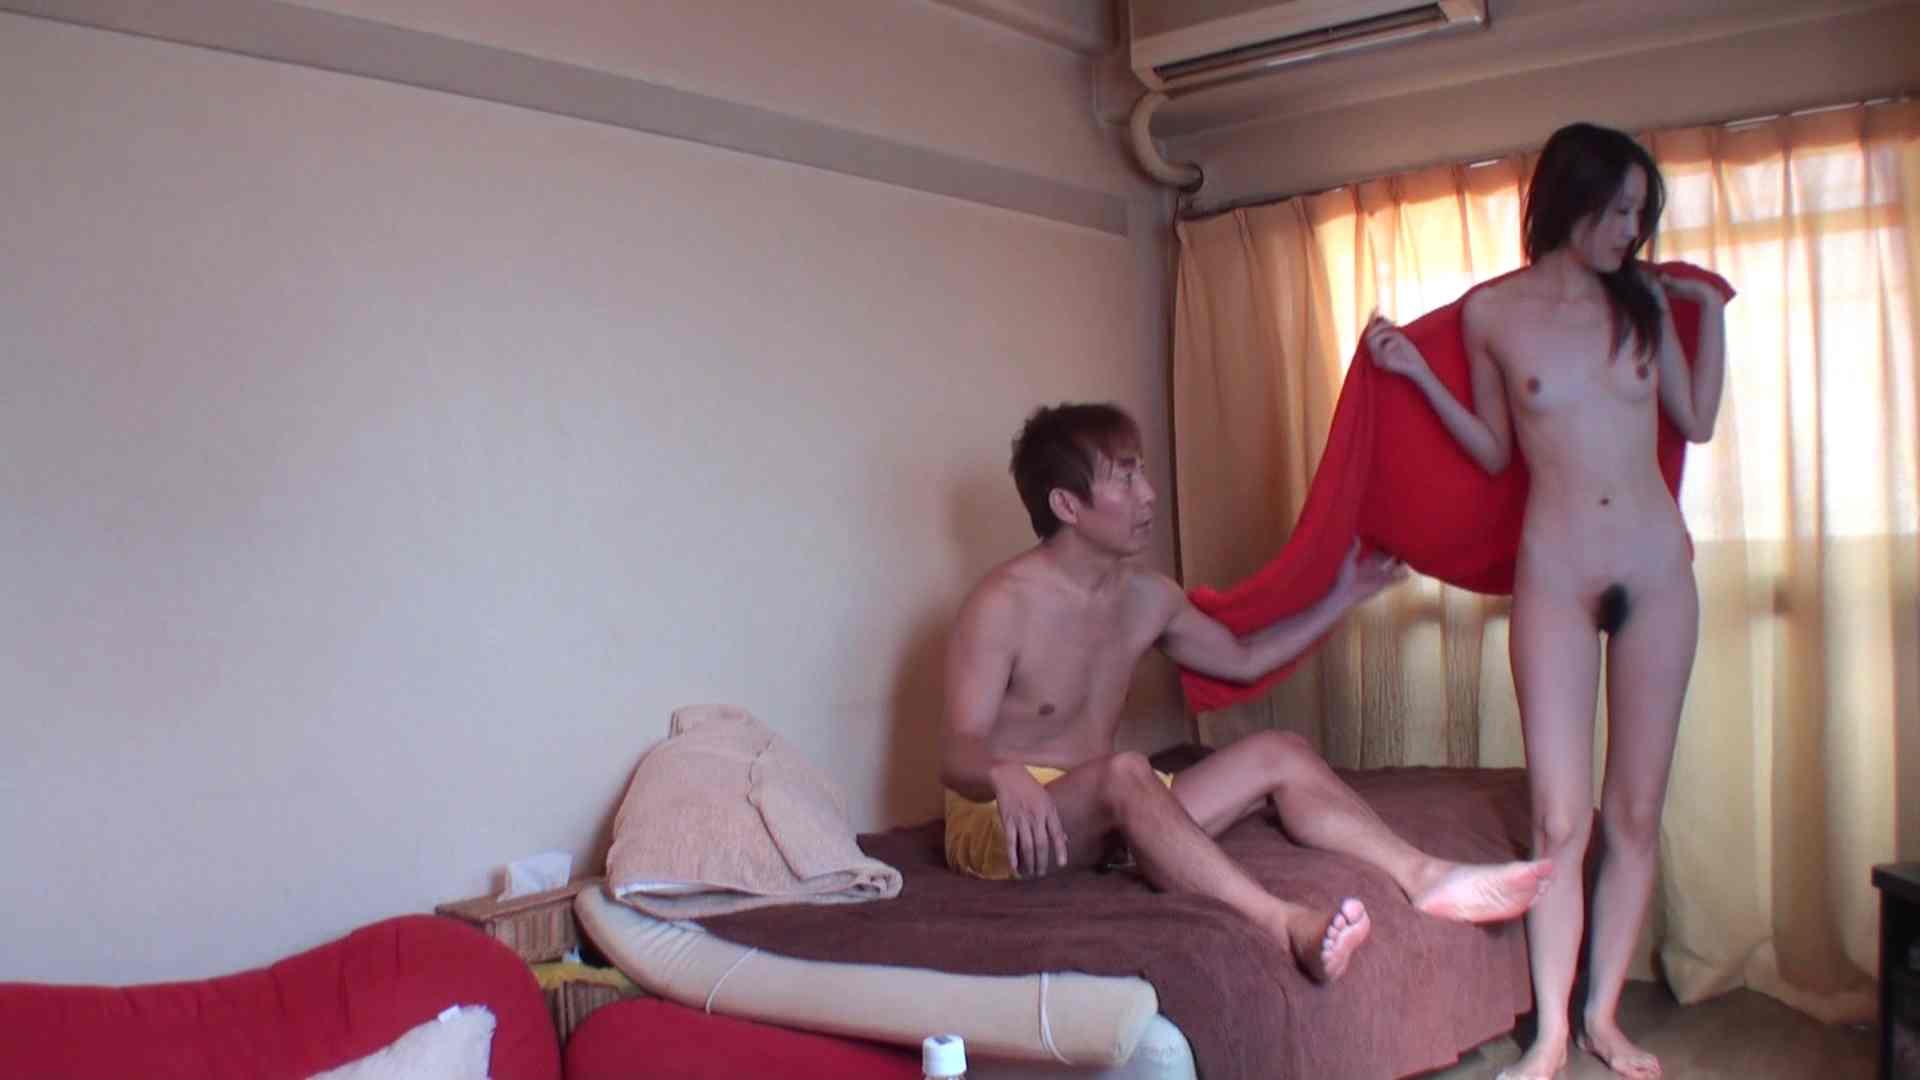 隠撮店の女の子をつまみ喰い~yukivol.4 隠撮 | OL裸体  107画像 77